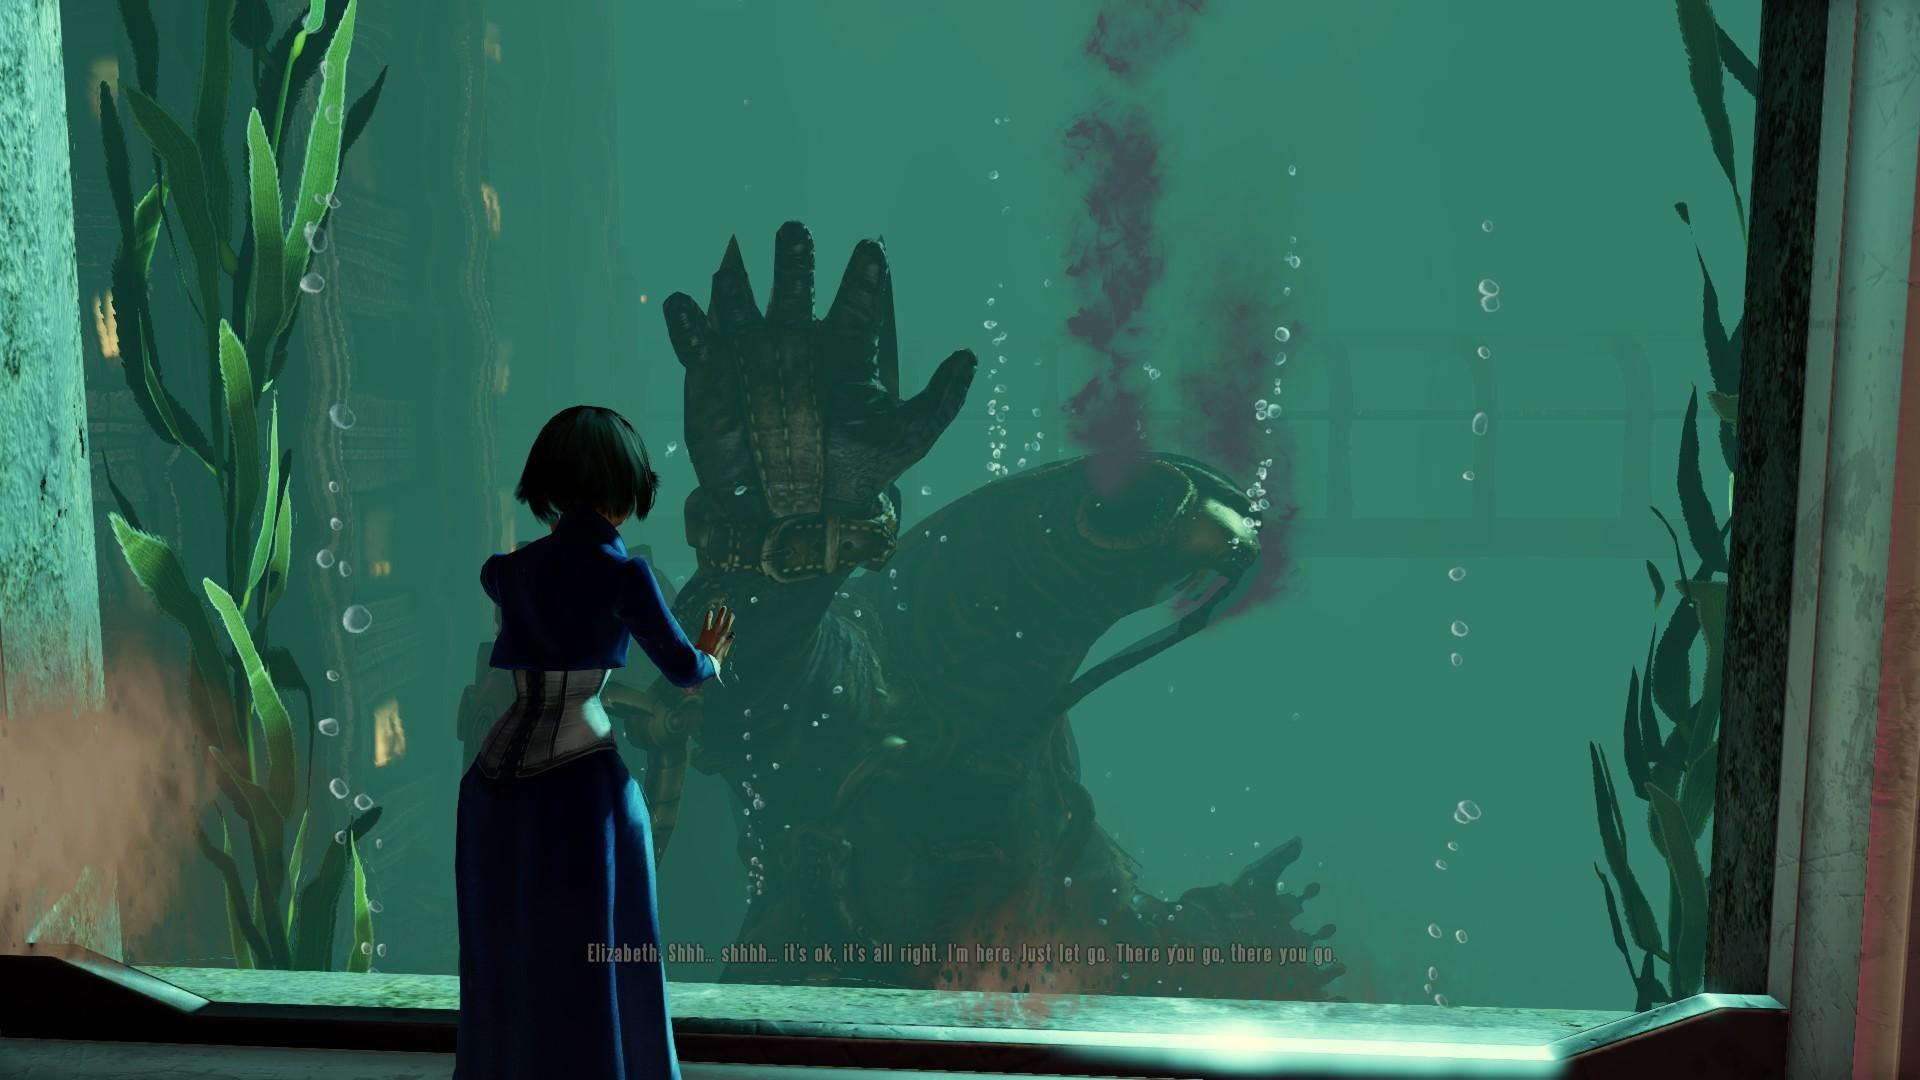 Wallpaper : illustration, green, underwater, Elizabeth BioShock